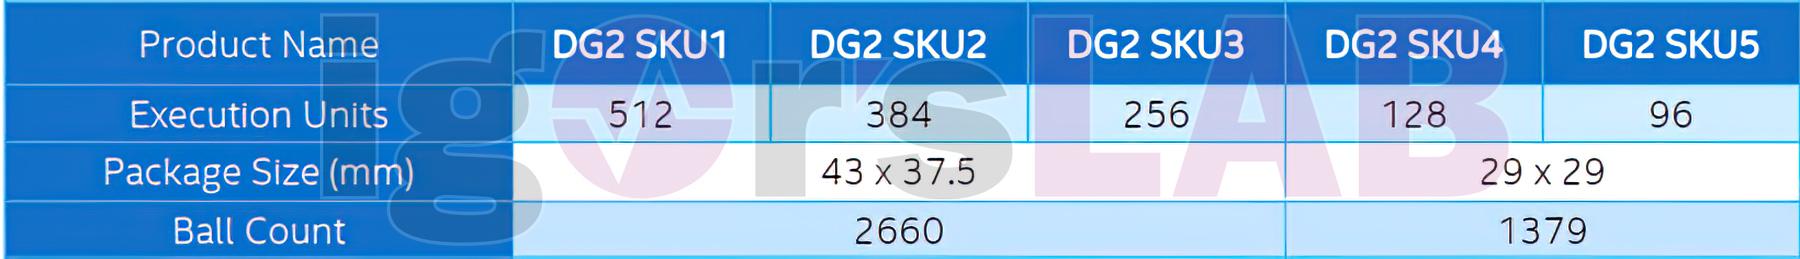 Intel выпустит пять моделей видеокарт DG2 на базе Xe-HPG — от начального до флагманского уровня